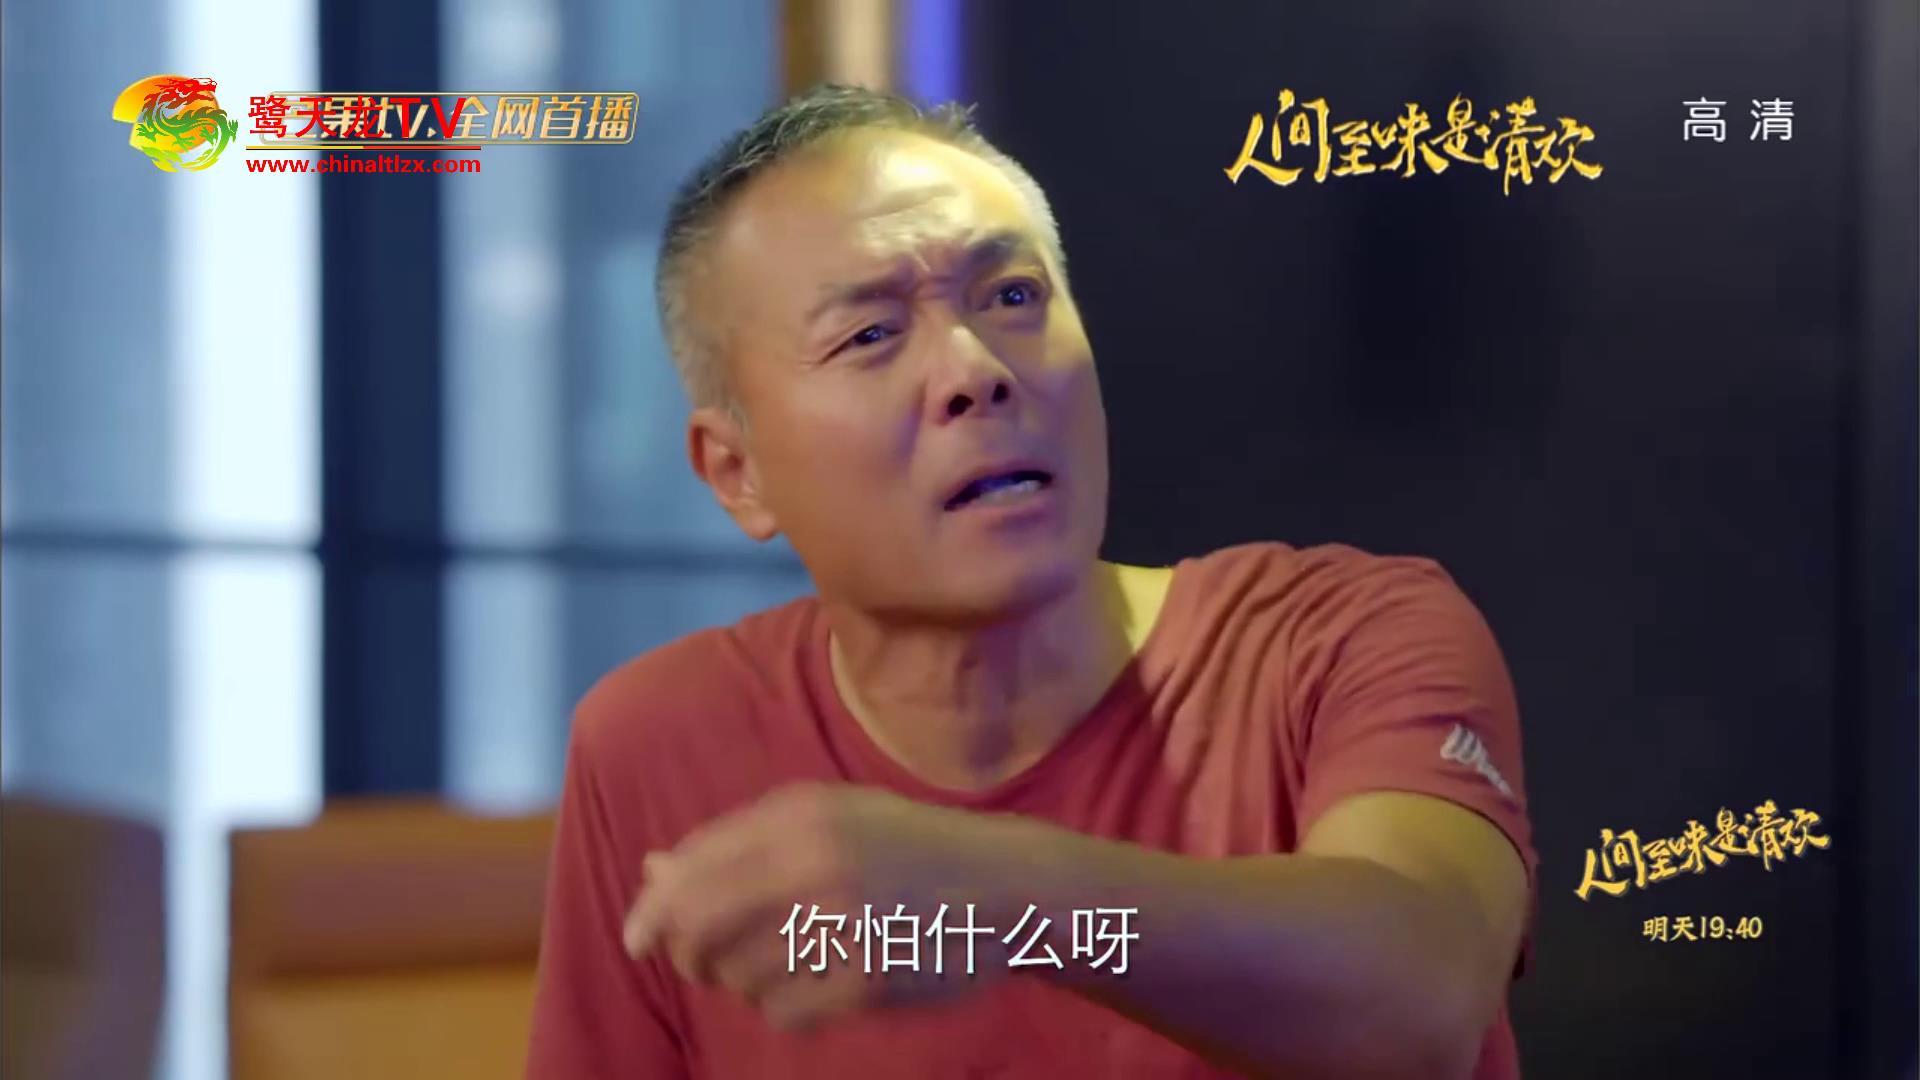 《人间至味是清欢》第18集看点:唐小刚为夺林月弄死人间?